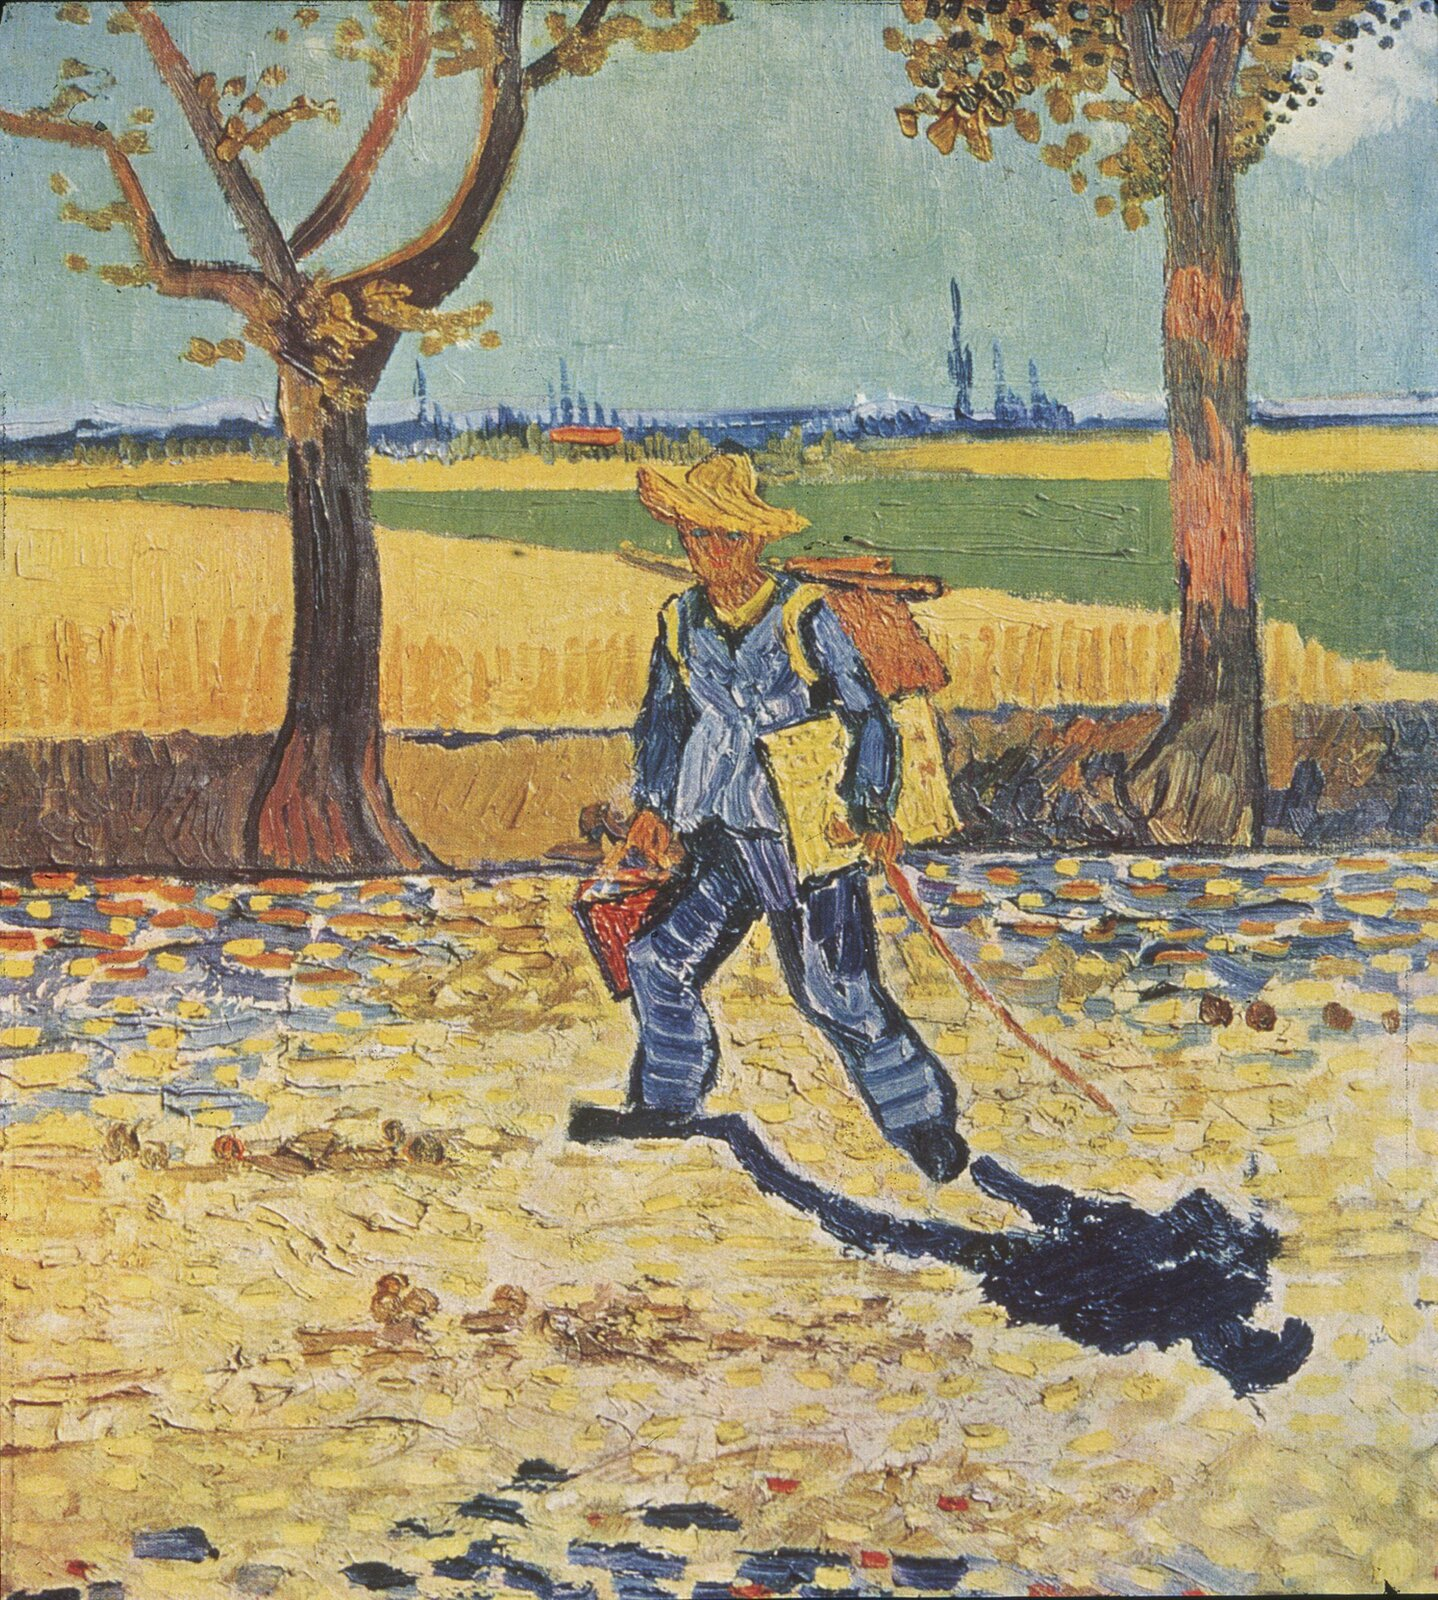 Malarz wdrodze do pracy Źródło: Vincent van Gogh, Malarz wdrodze do pracy, 1888, olej na płótnie, domena publiczna.